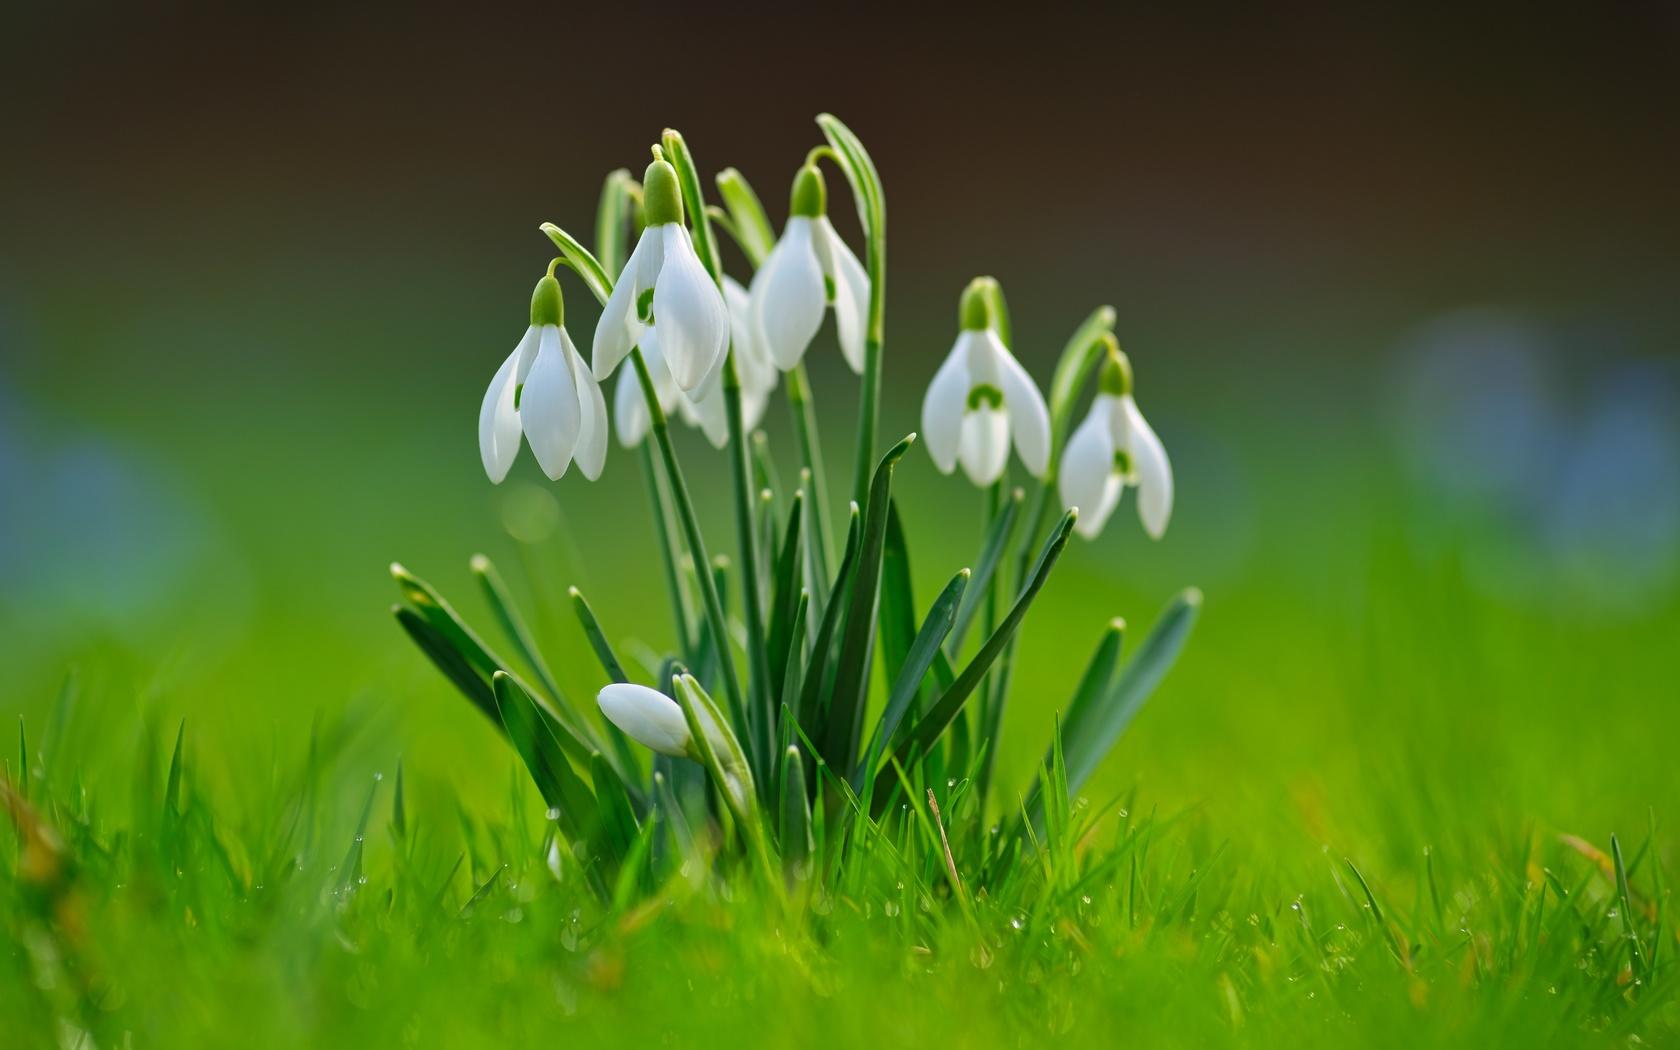 подснежники, размытый фон, трава, белый, цветы